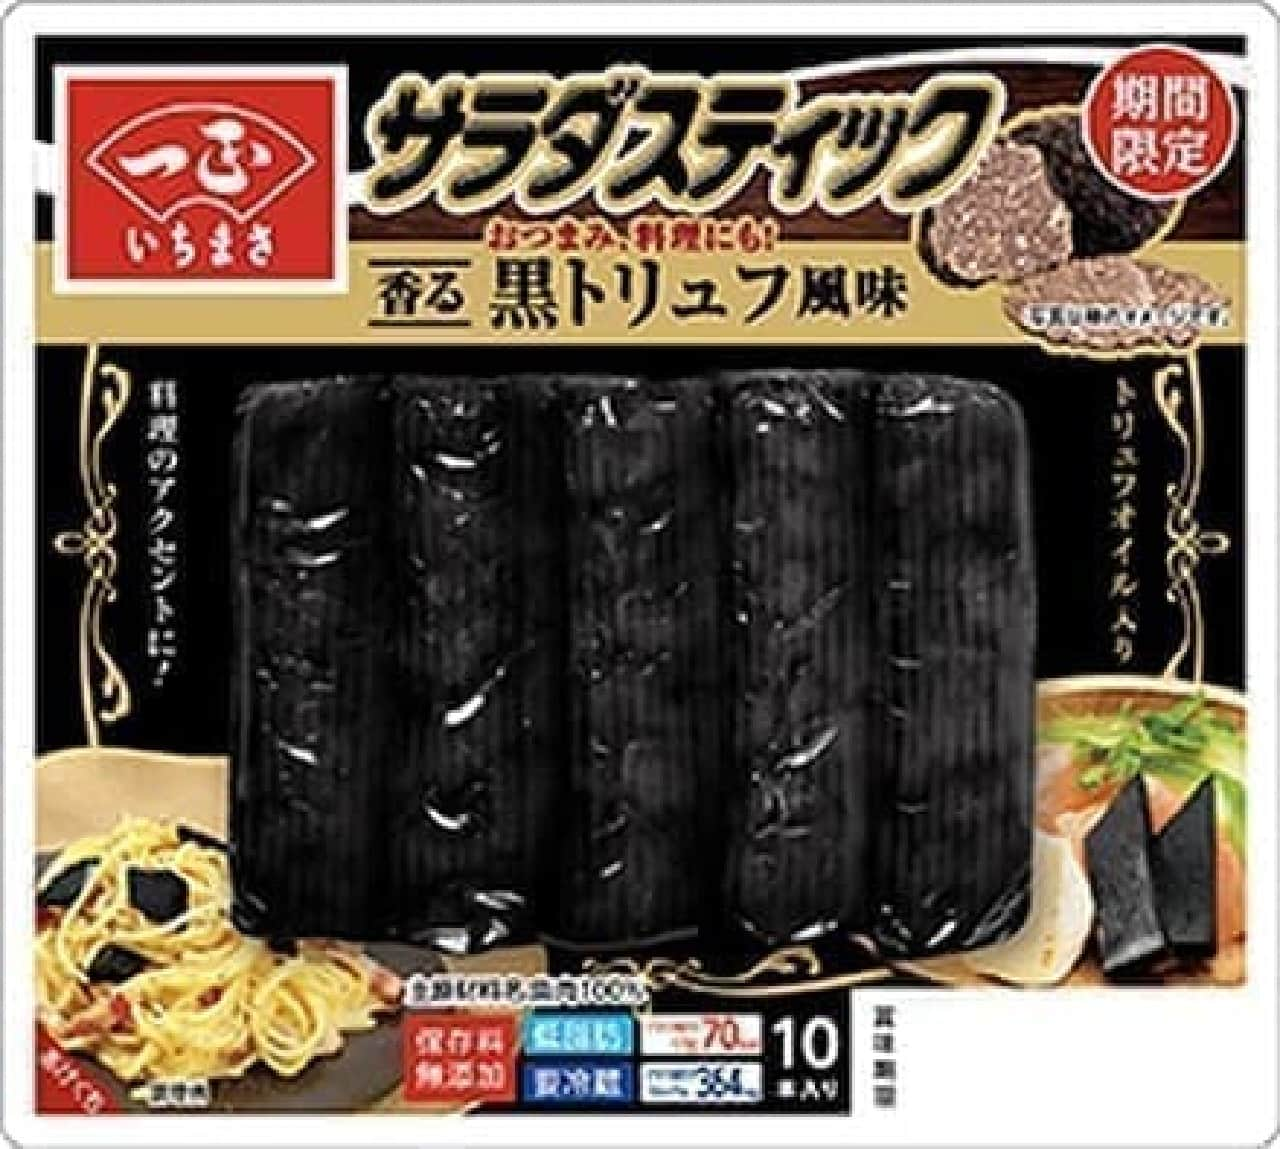 一正蒲鉾「サラダスティック 黒トリュフ風味」